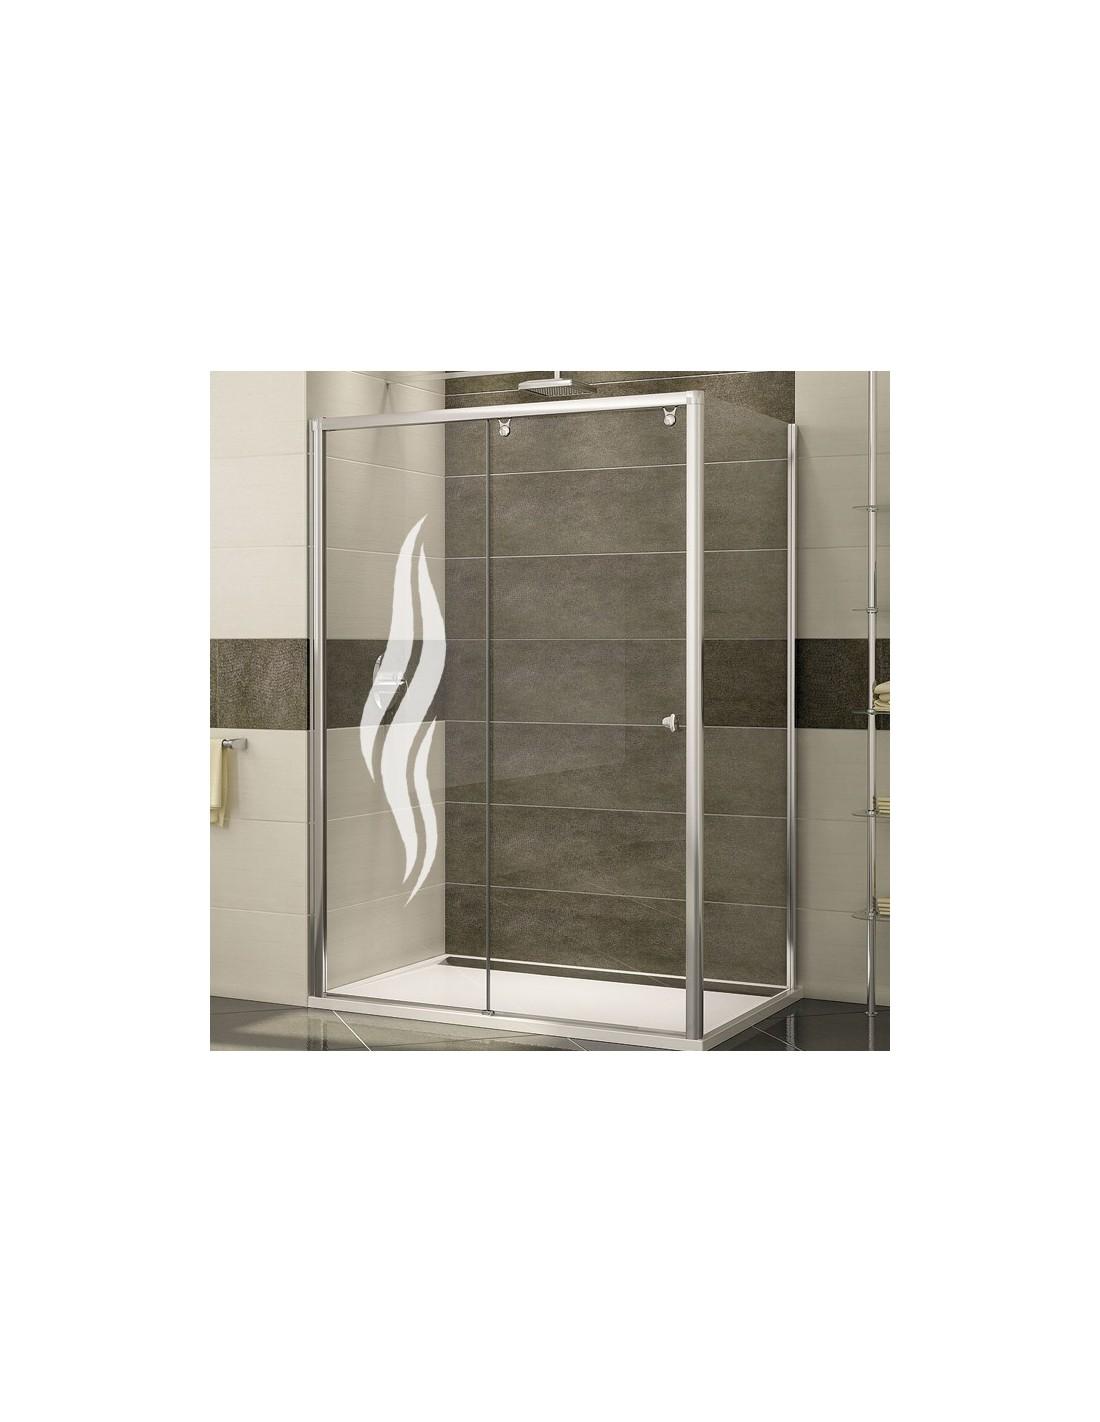 paroi de douche pas cher stickers paroi de douche pas cher peinture faience salle paroi douche. Black Bedroom Furniture Sets. Home Design Ideas